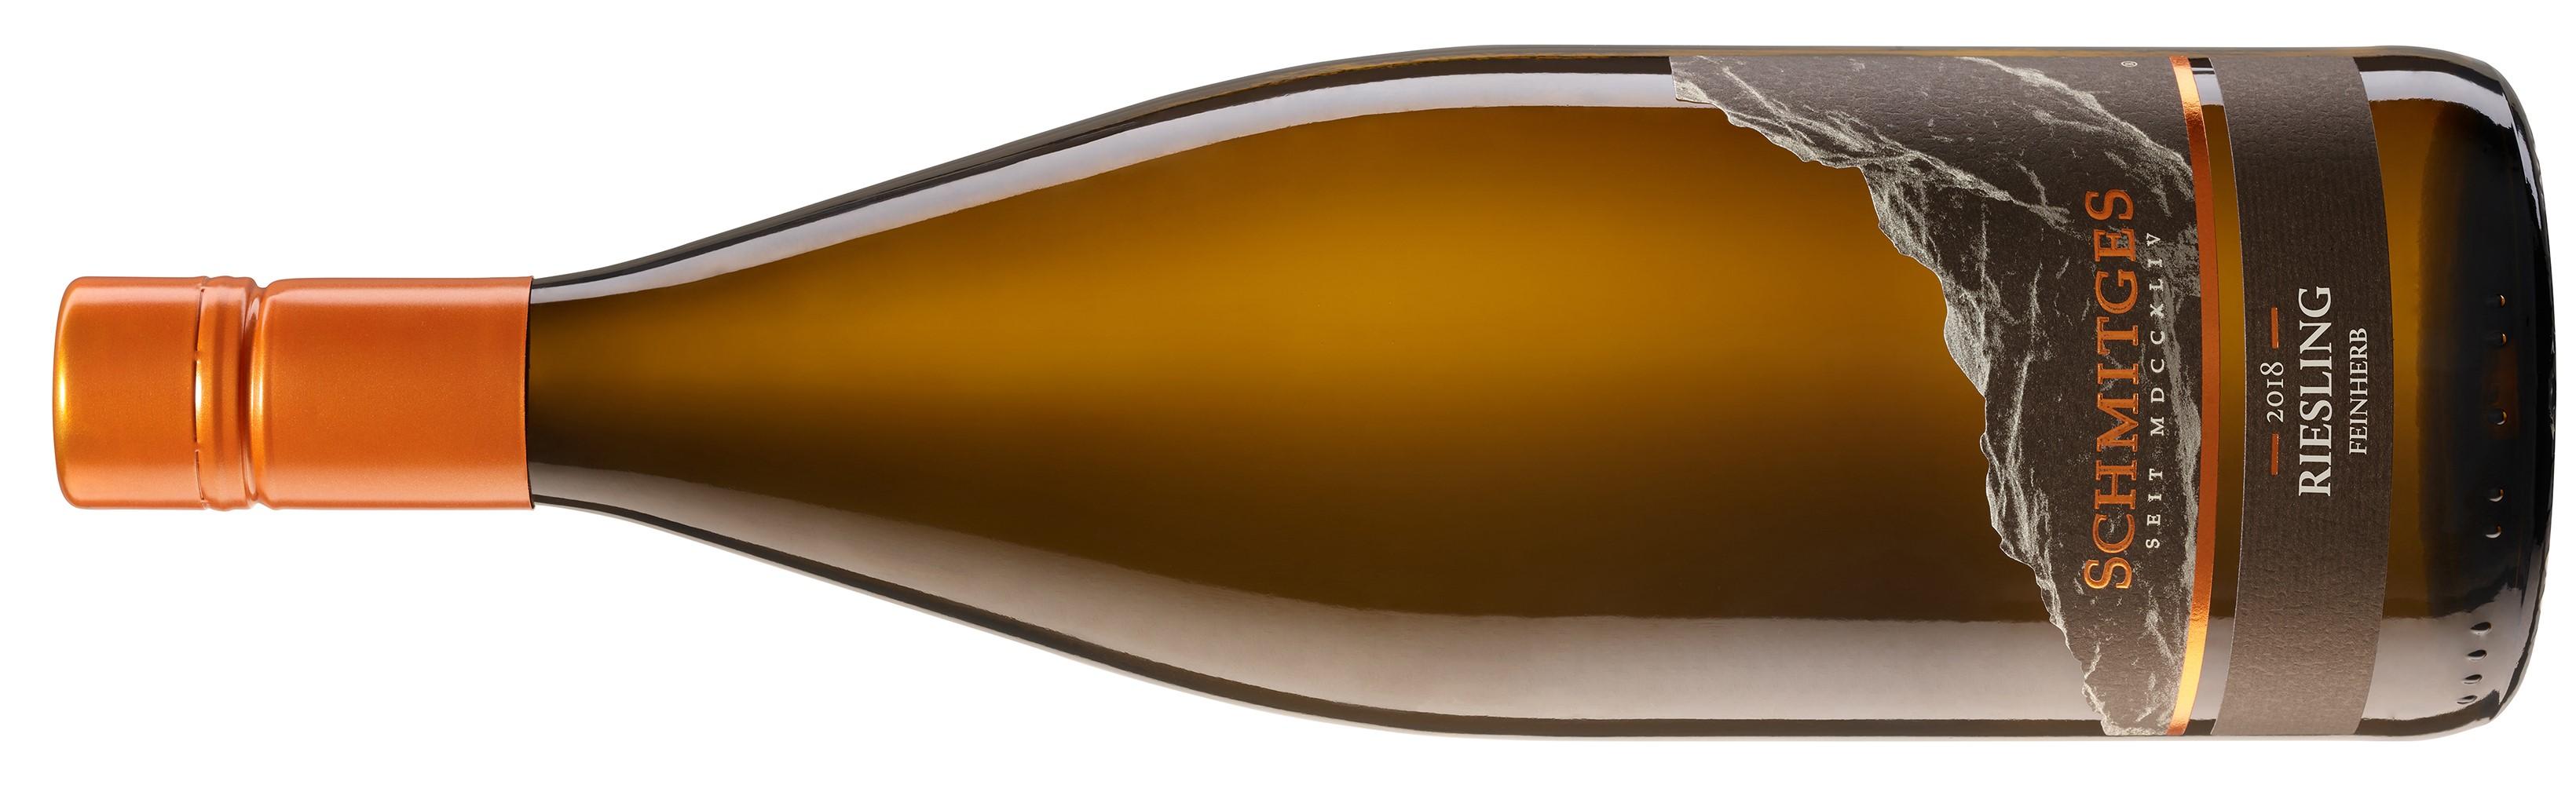 Weingut Schmitges